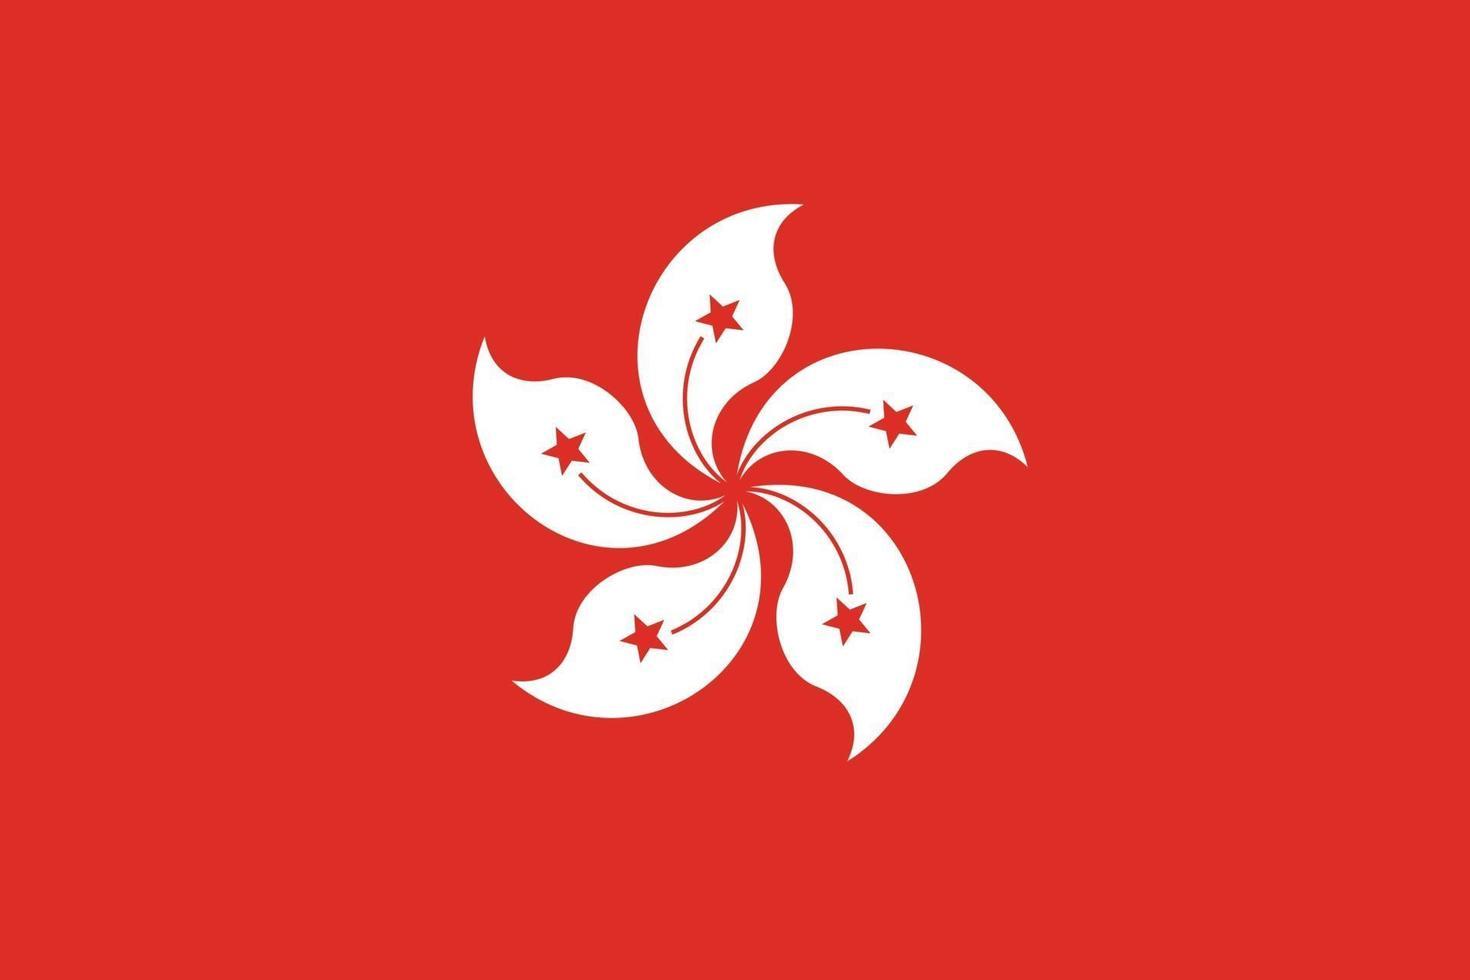 Hong kong bandiera vettore isolare banner stampa illustrazione